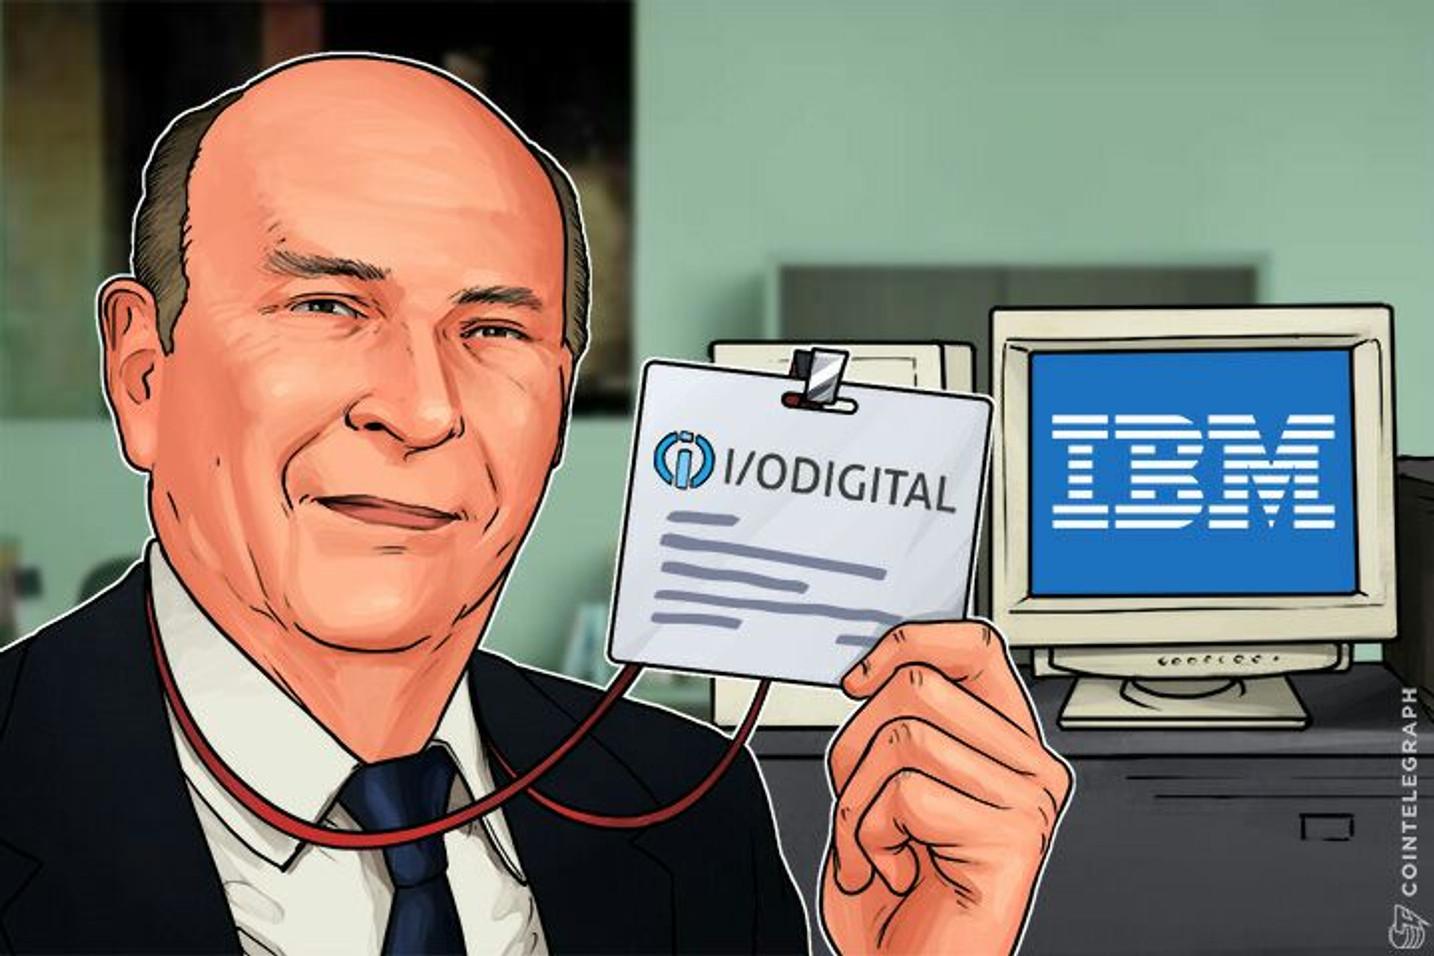 Former IBM President Joins the Blockchain Advisory Board of I/O Digital